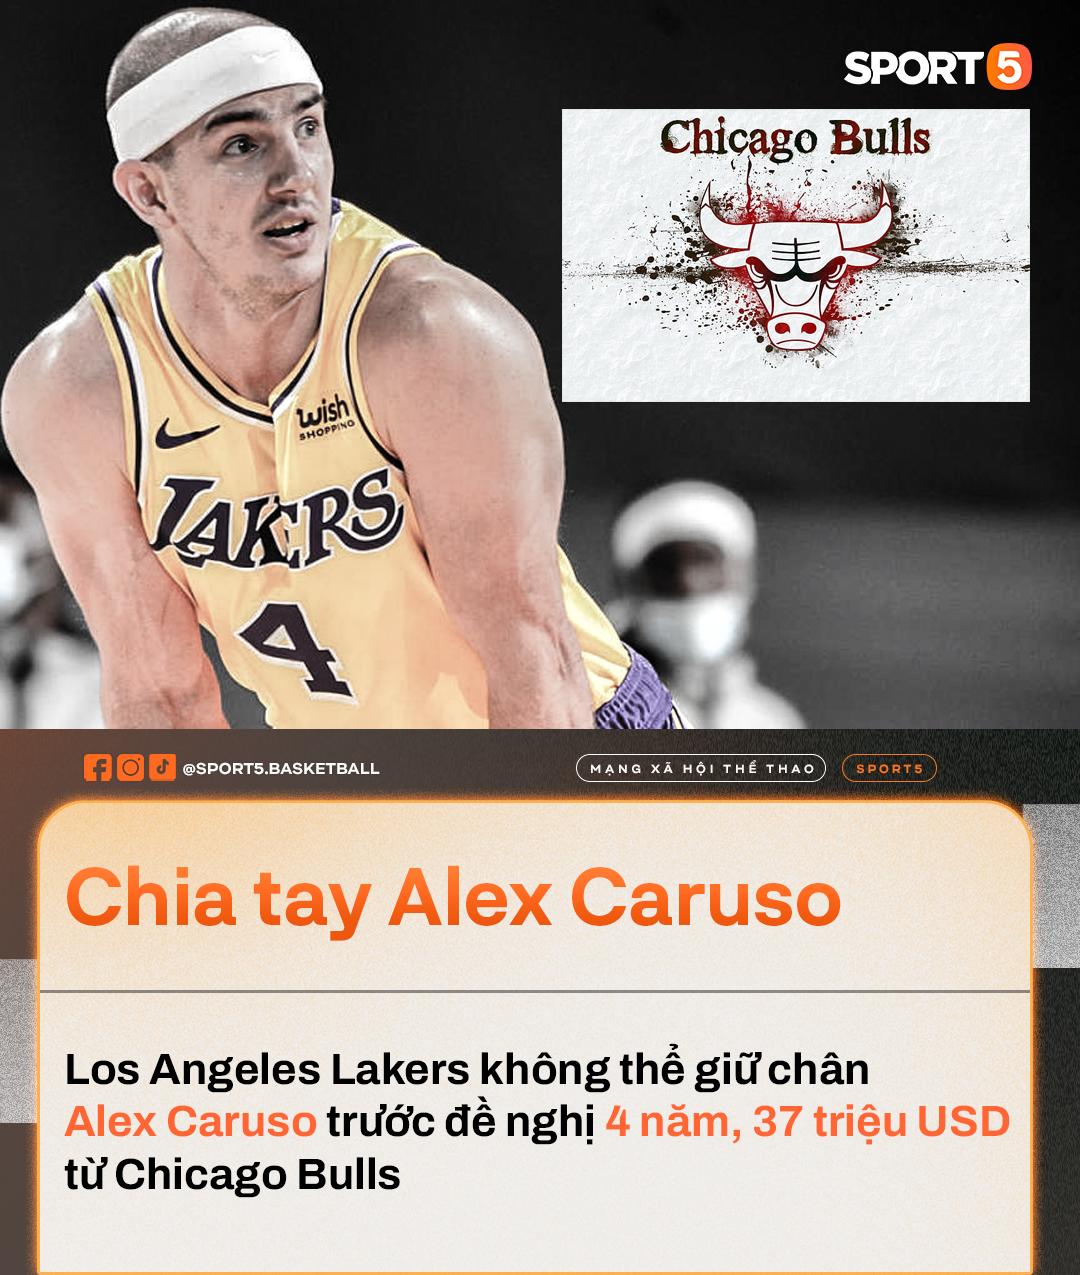 """Alex Caruso: """"Tôi sẽ không bao giờ quên được quãng thời gian ở Los Angeles Lakers"""" - Ảnh 1."""